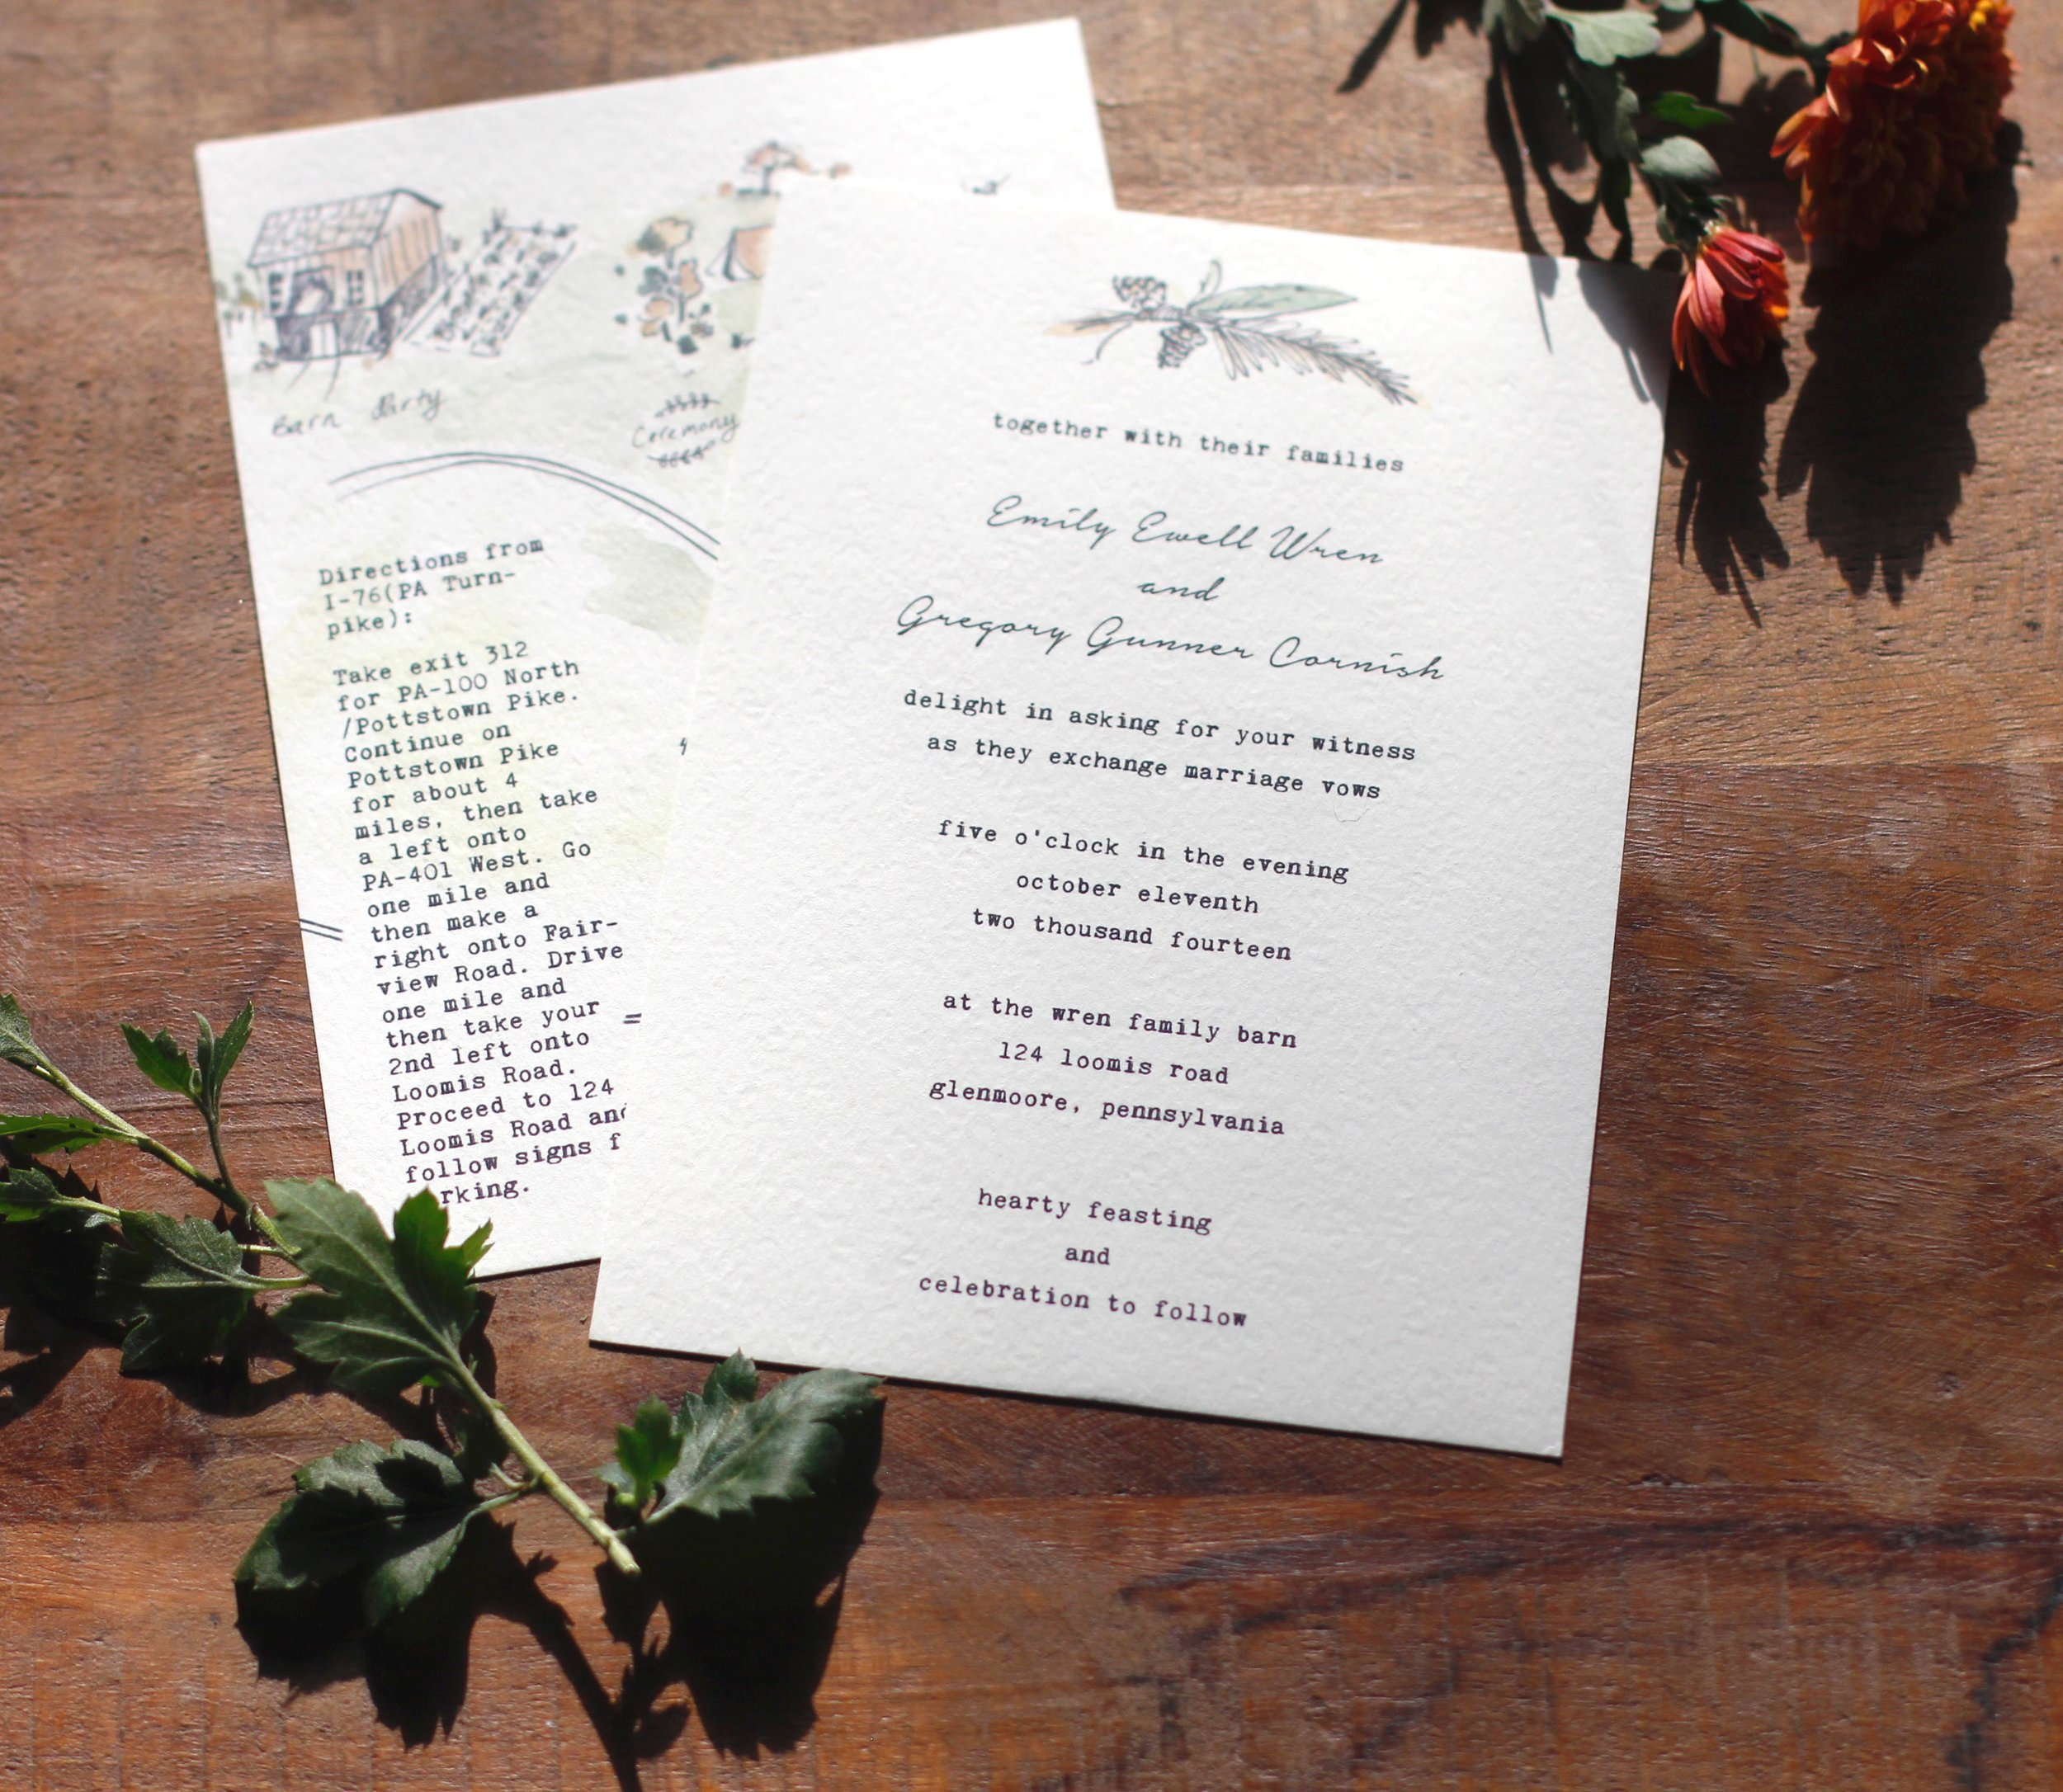 wren invite2.jpg